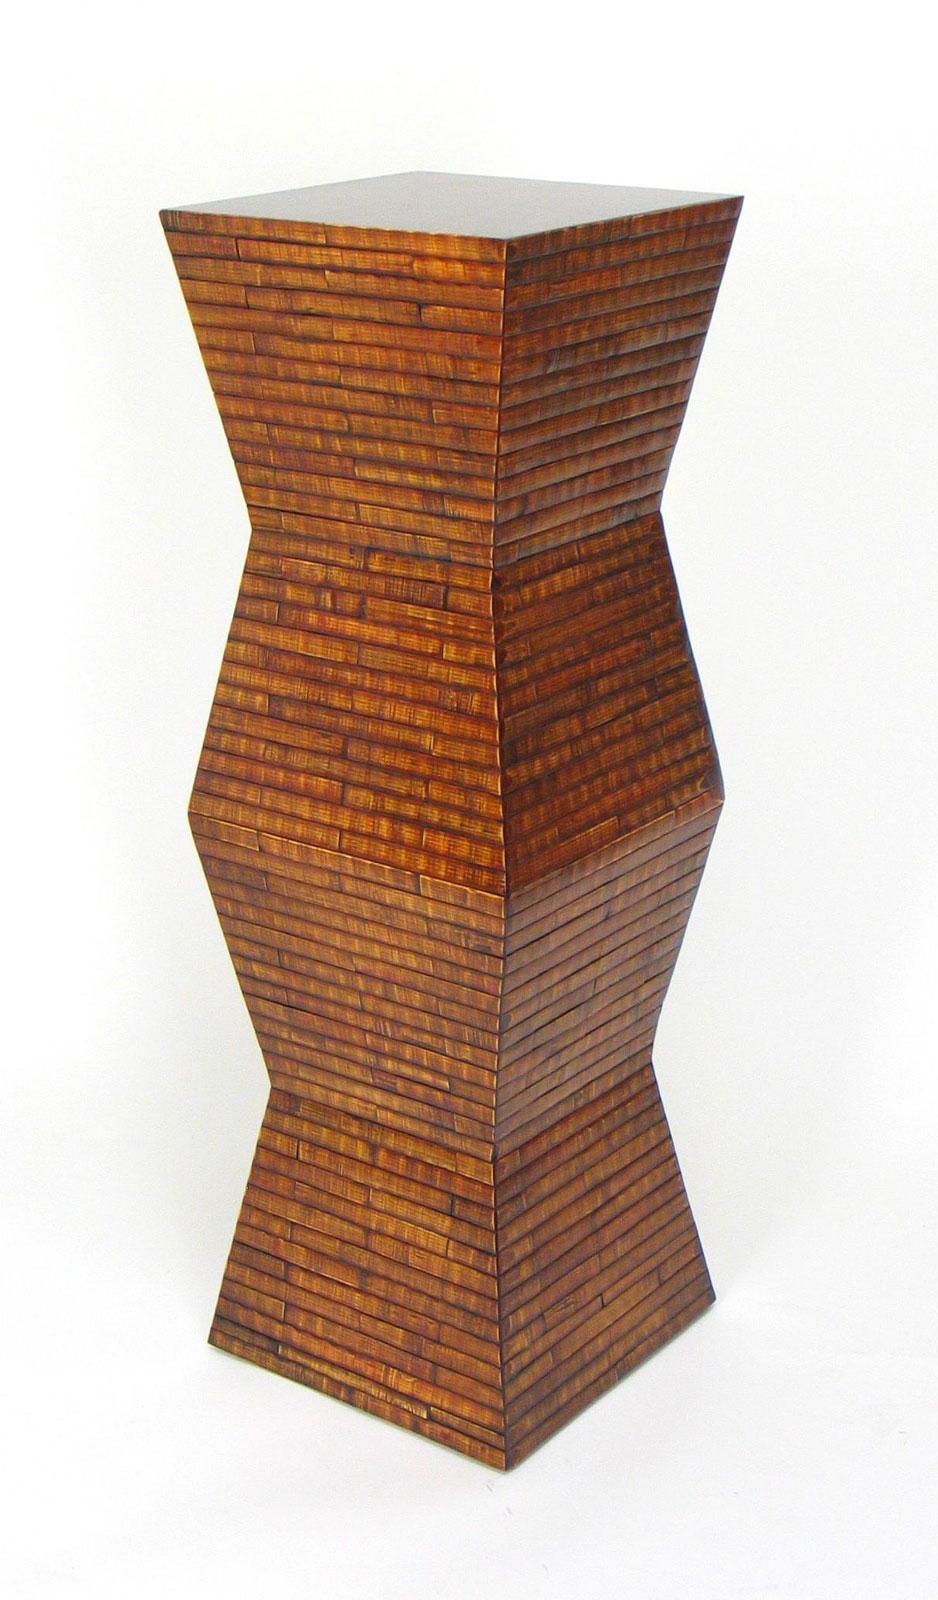 Bamboo pedestal by wayborn 5667 in indoor plant stands - Plant pedestal indoor ...